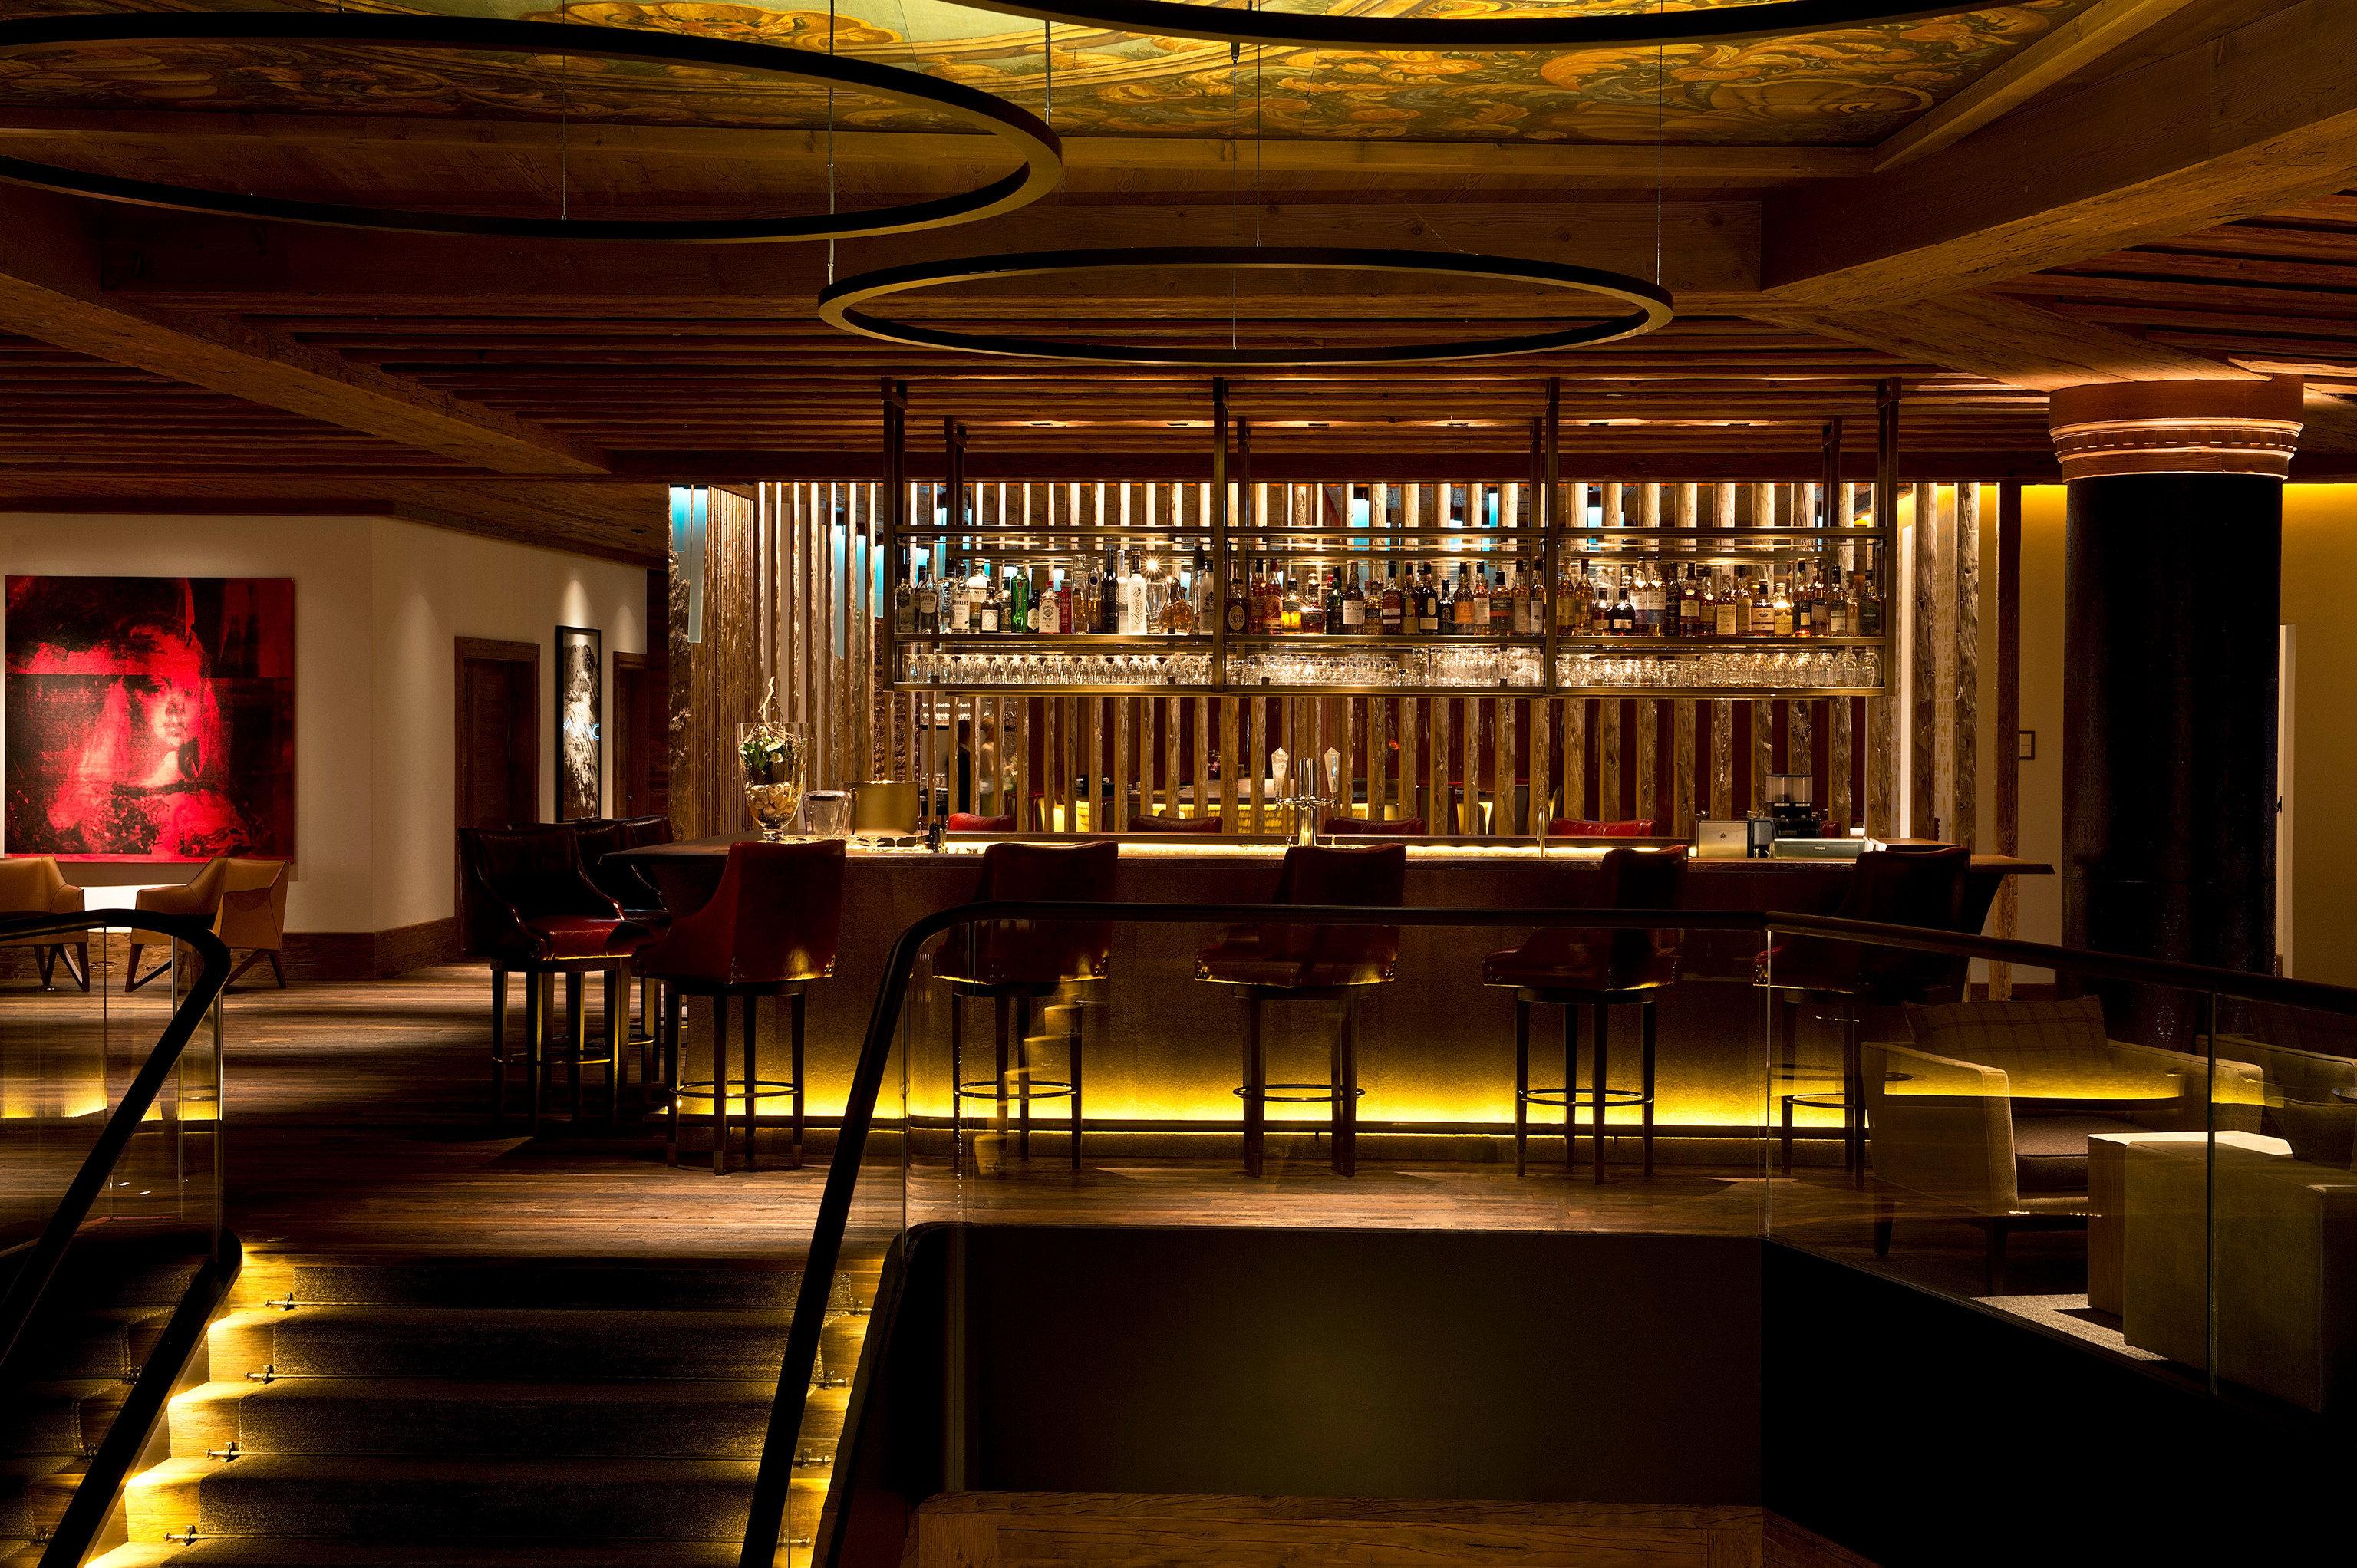 Lobby function hall auditorium lighting Bar restaurant ballroom